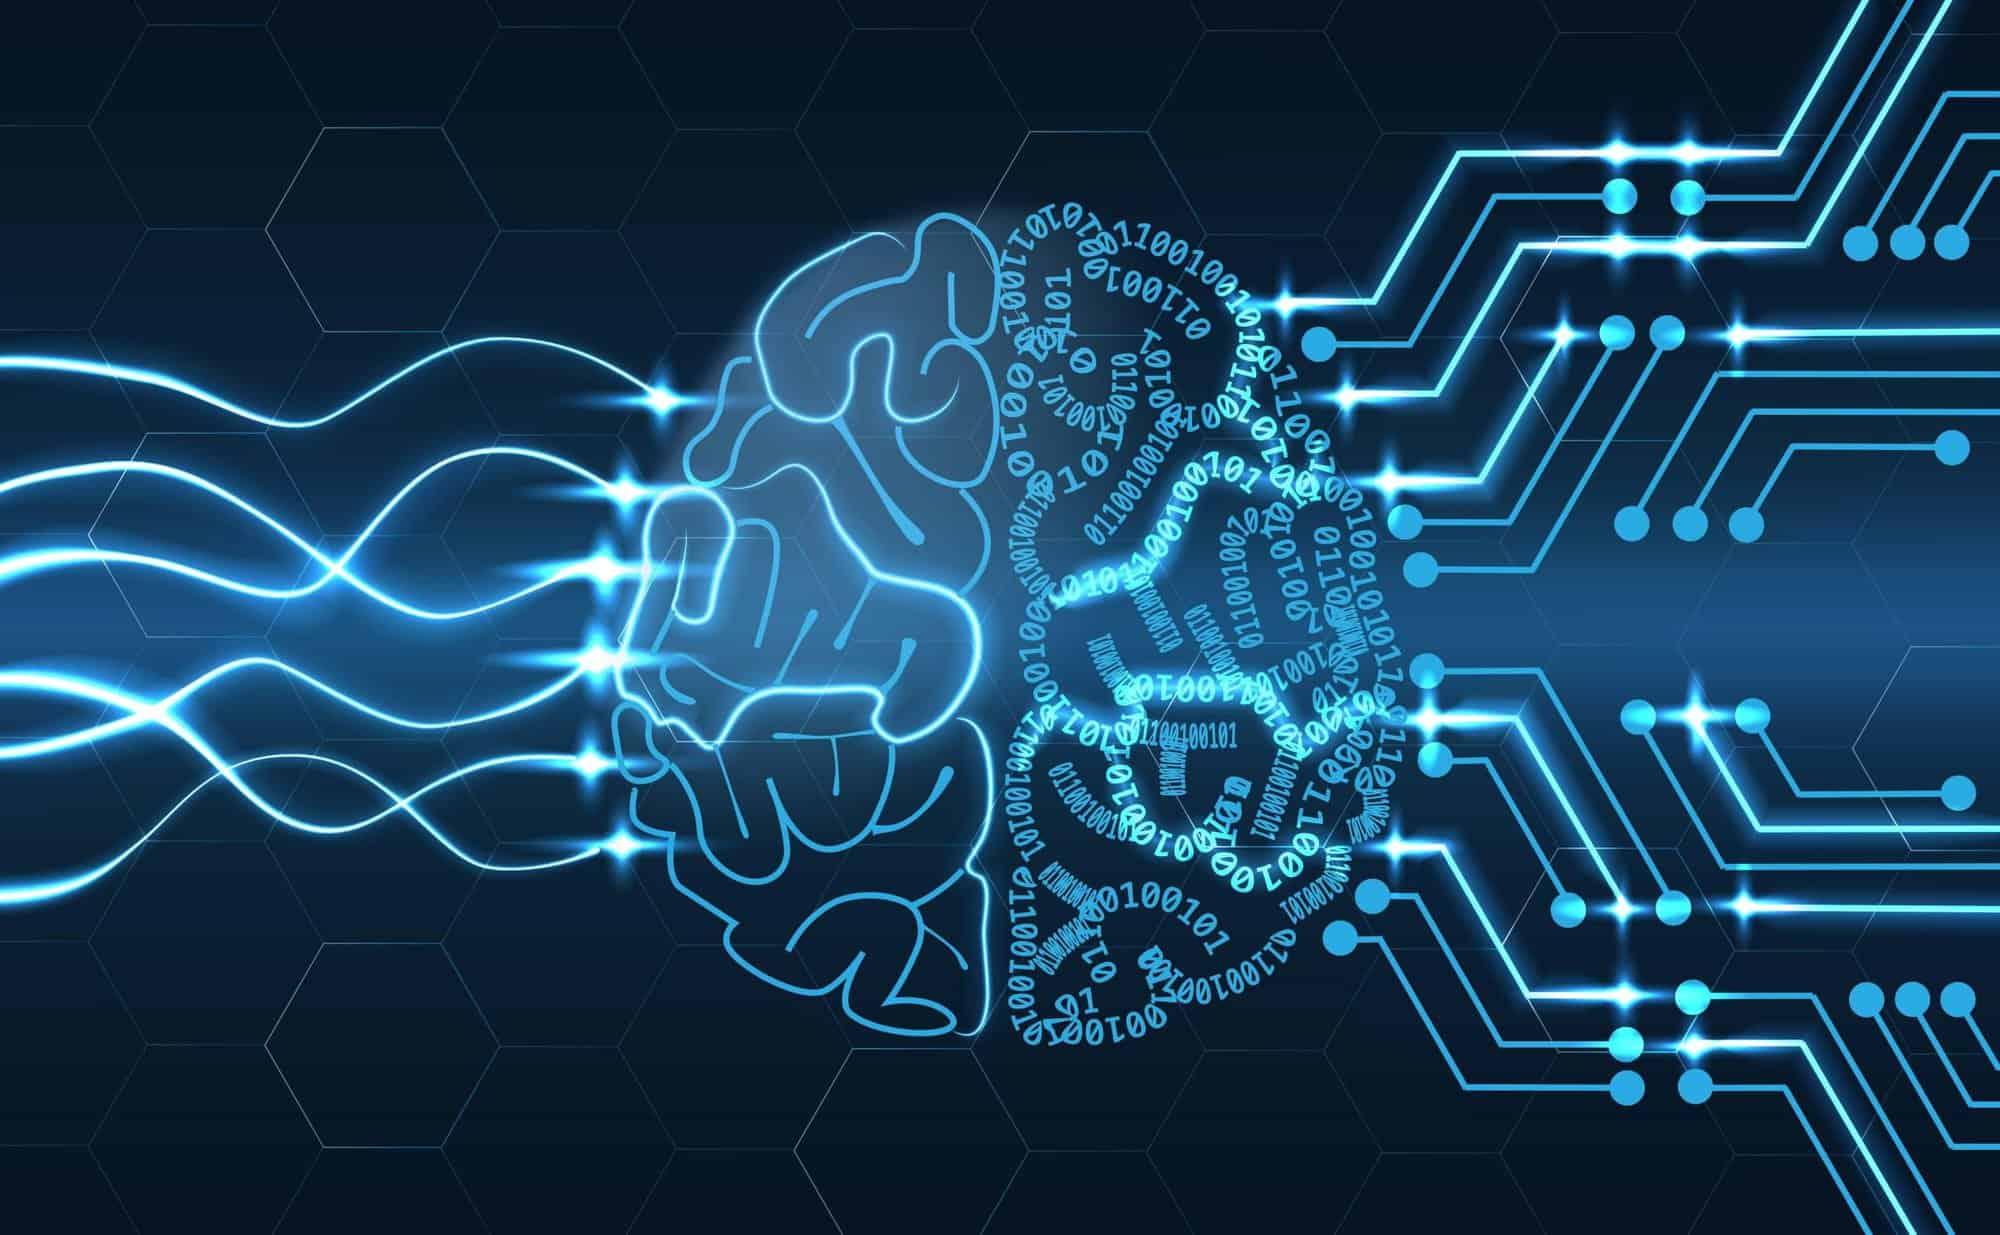 2021년 AI 마켓 규모는 약 $328B로 예측 (IDC)